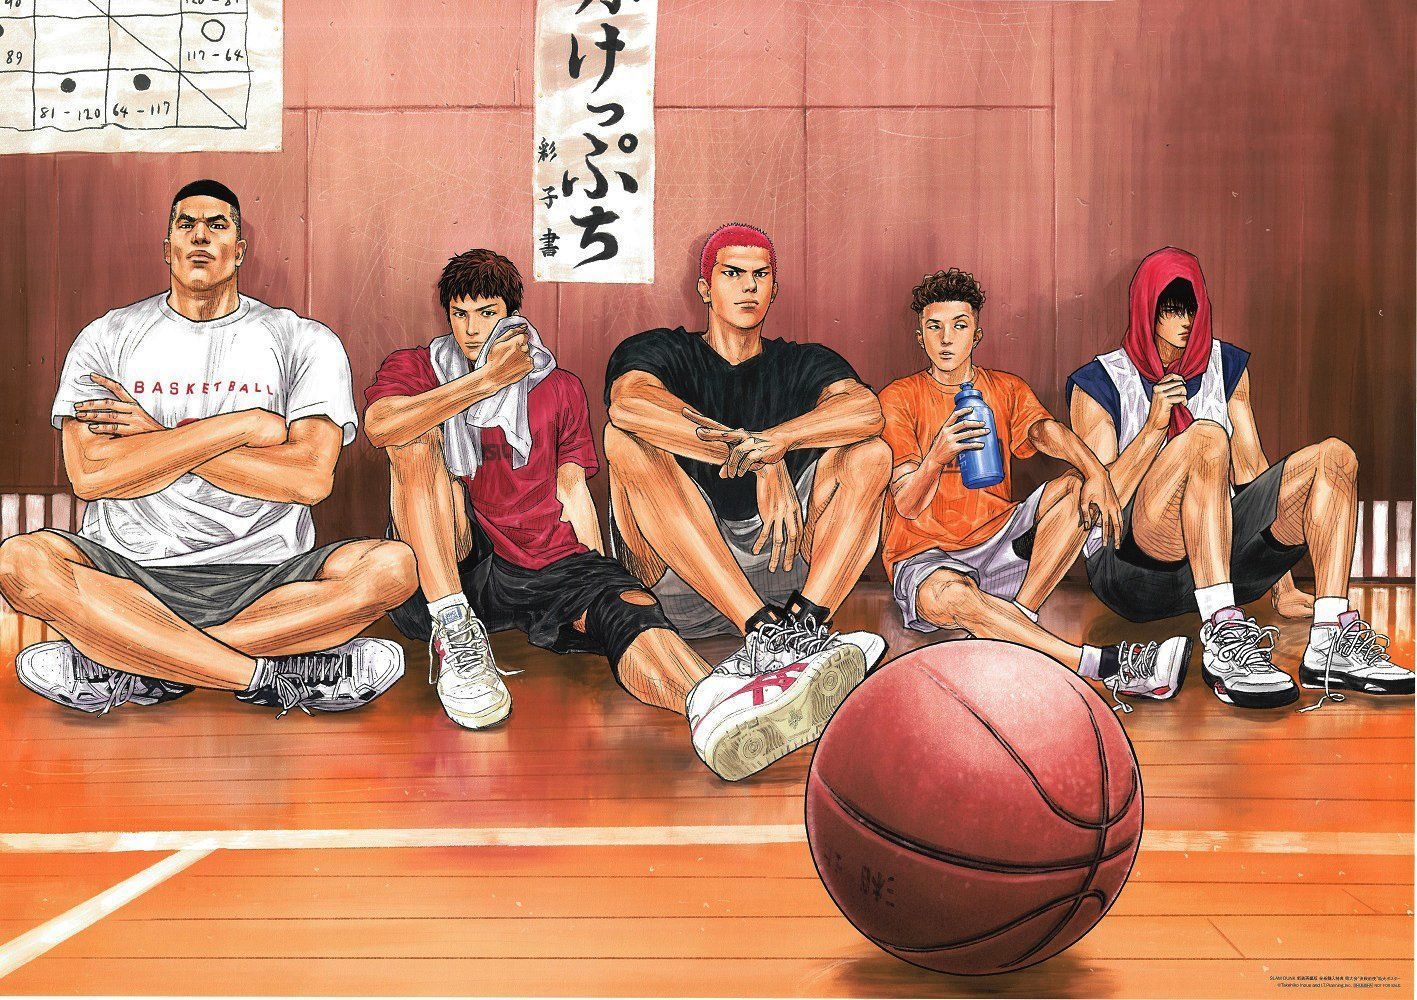 Twitter in 2020 Slam dunk anime, Slam dunk manga, Slam dunk